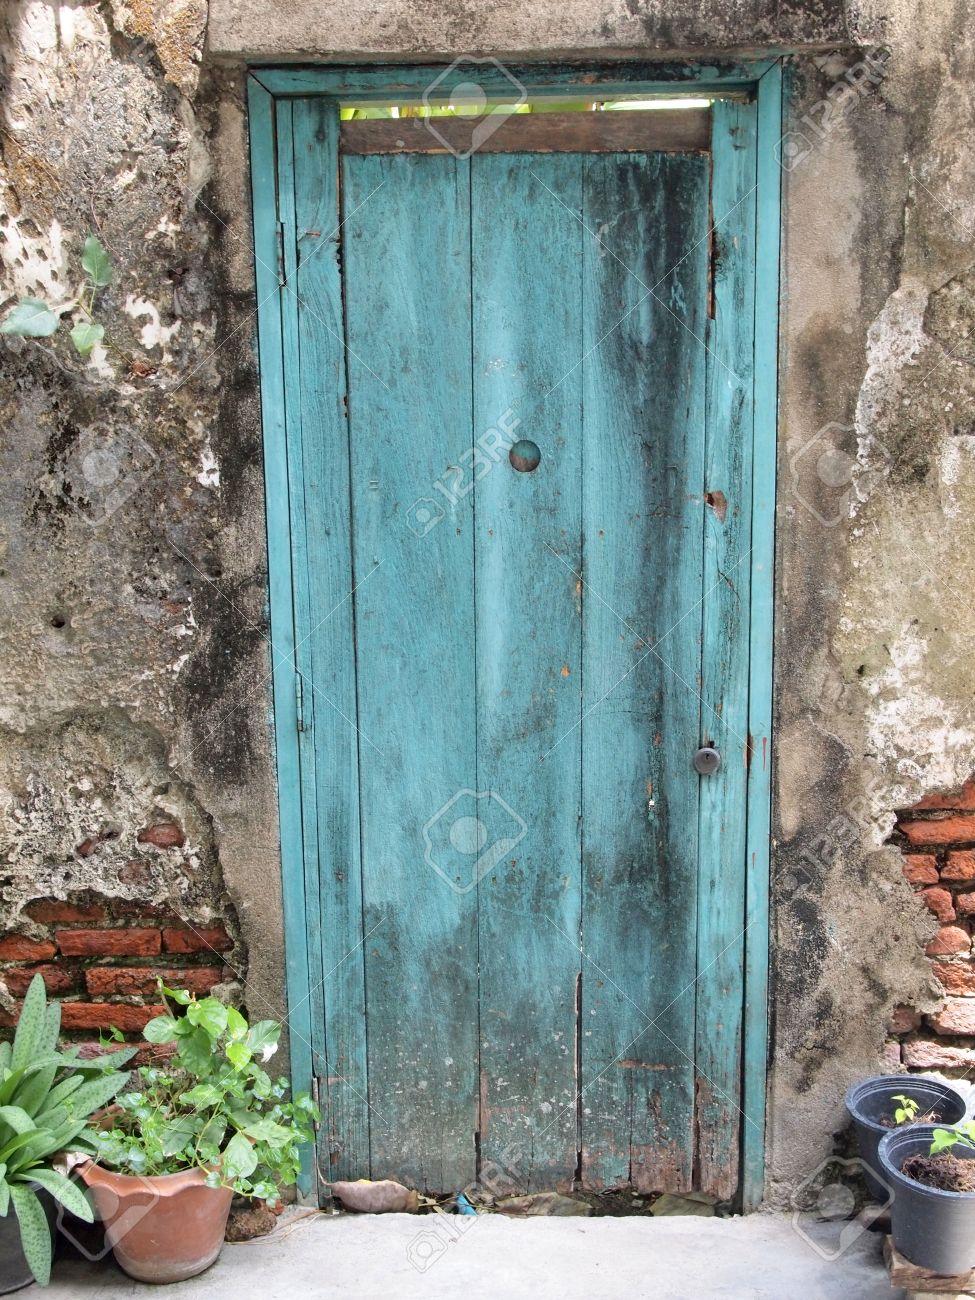 Vieille Porte En Bois Ancienne entrée de l'architecture ancienne avec vieille porte en bois